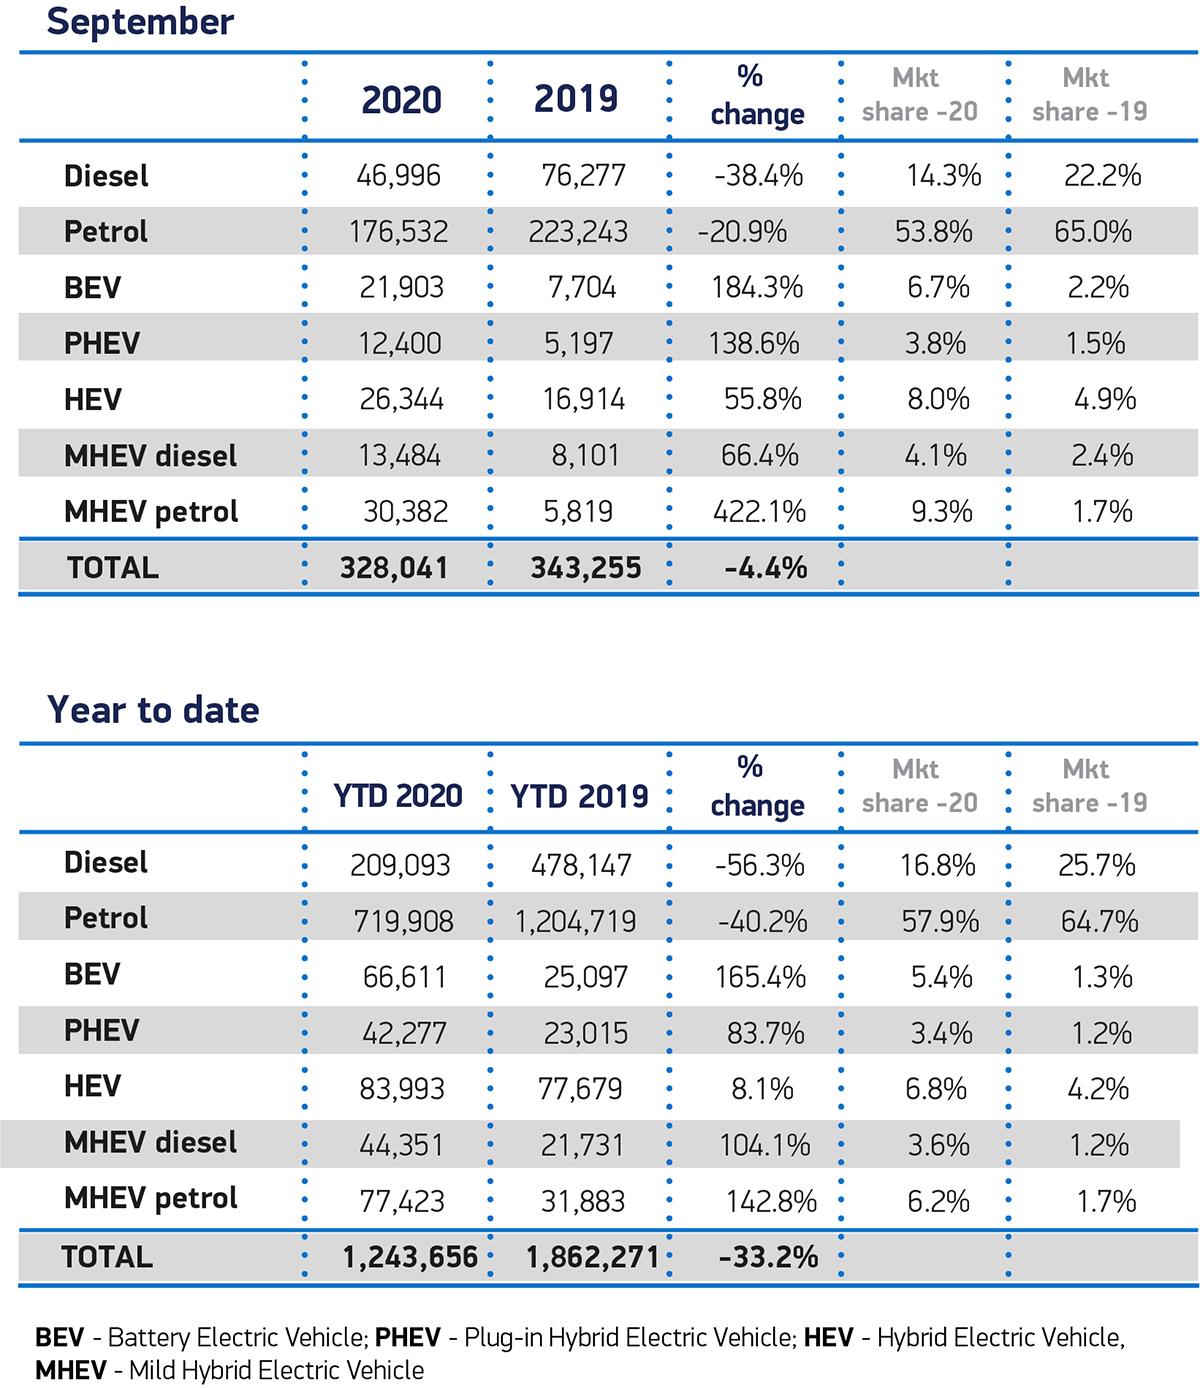 New Uk Ev And Afv Registrations Smmt Monthly Data